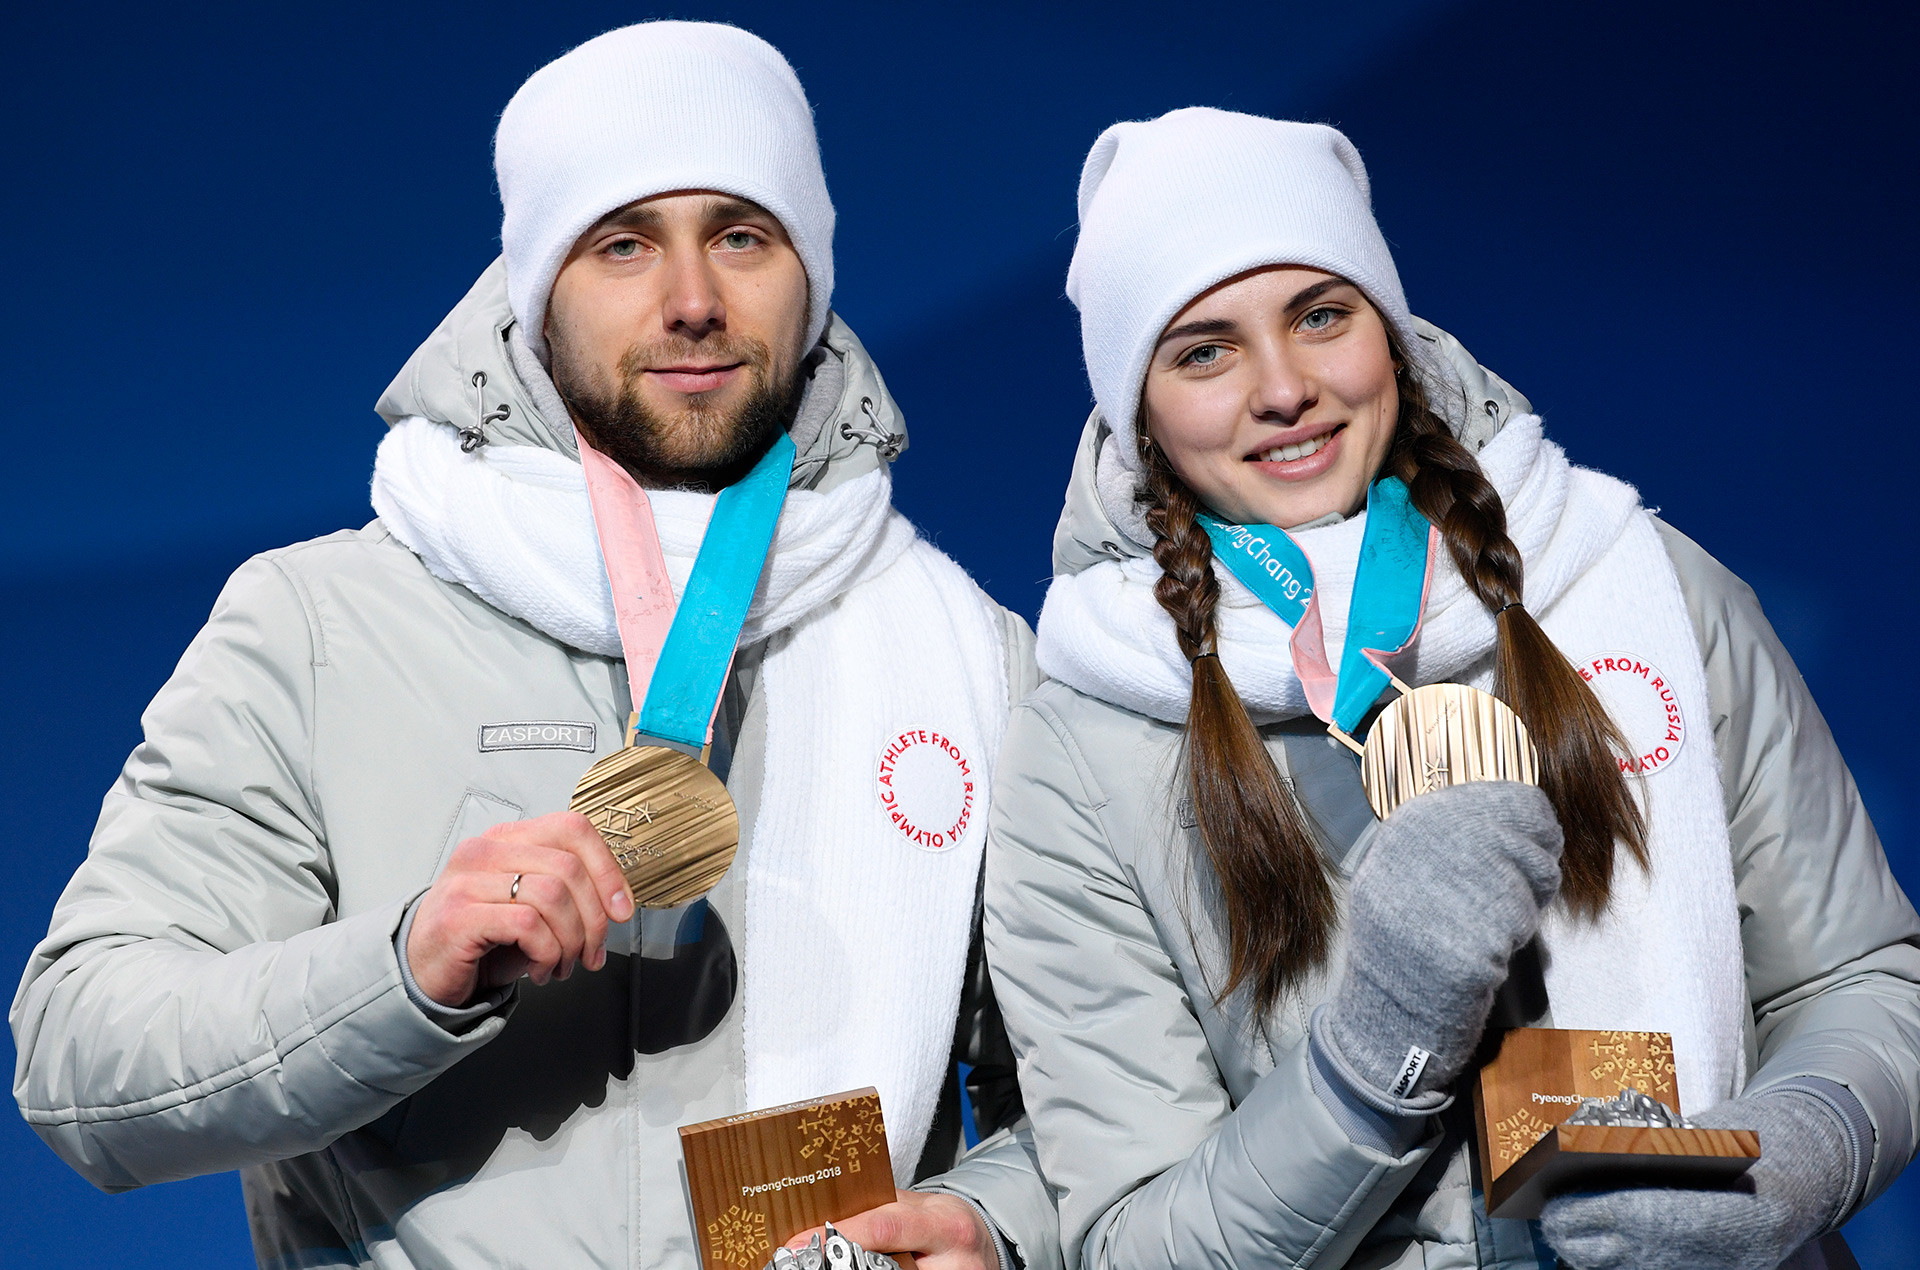 Alexander Krushelnitskiy and Anastasia Bryzgalova